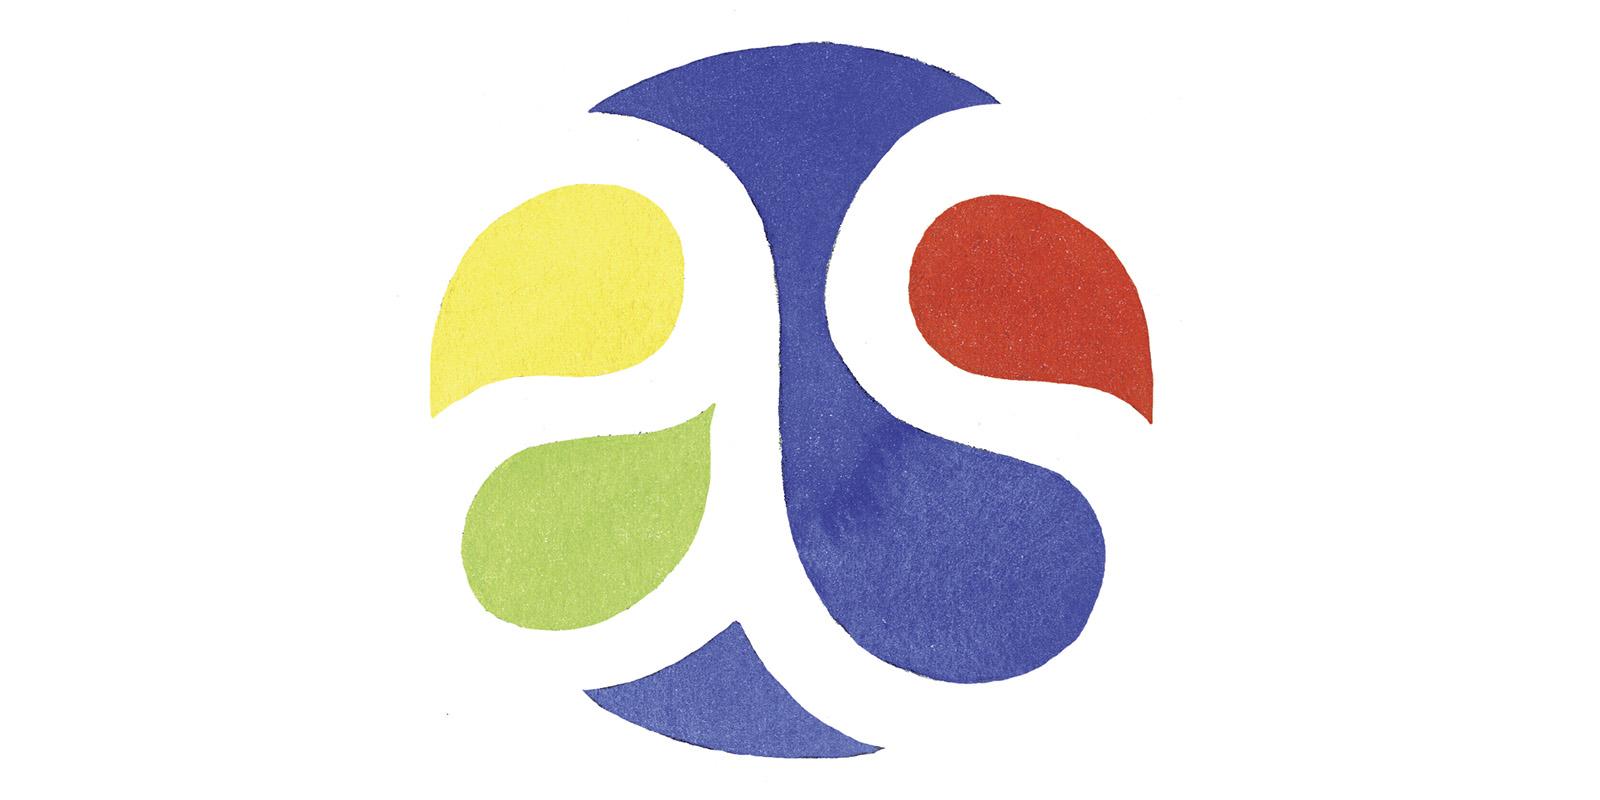 logo (version emblème) d'Adrien Stratégie à l'aquarelle par Joël Alessandra